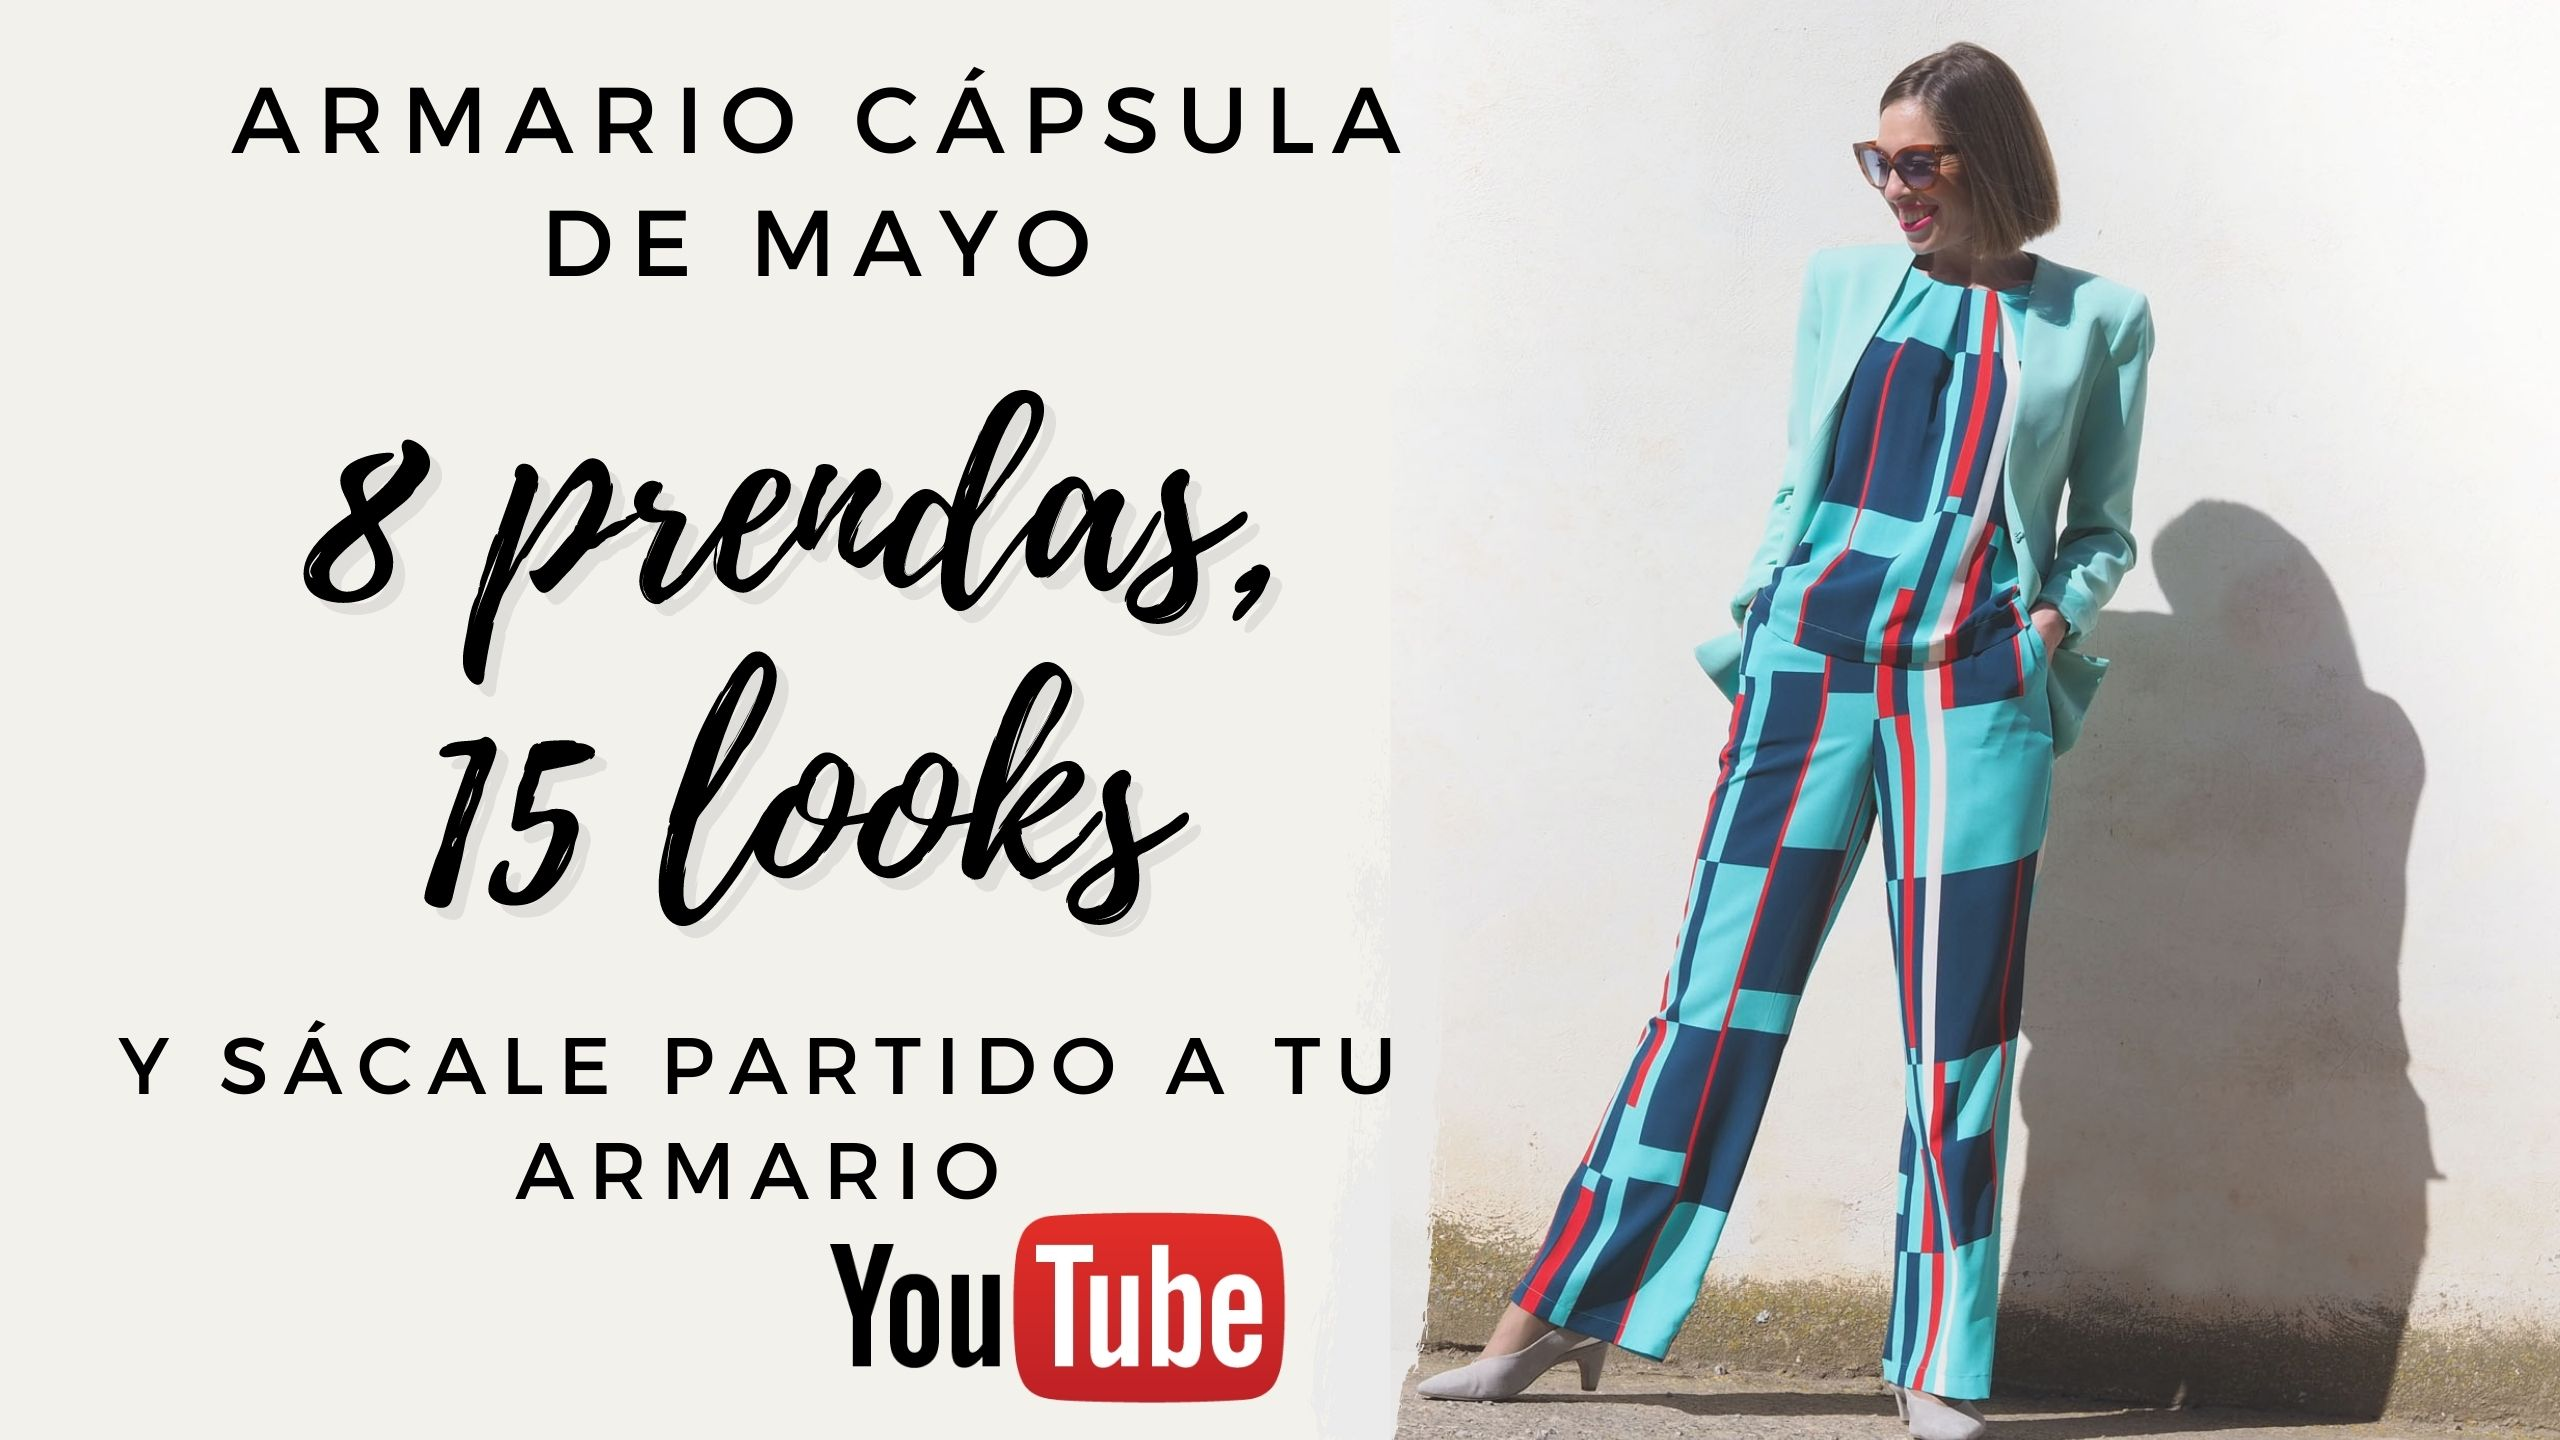 En este momento estás viendo VÍDEO-ARMARIO CÁPSULA MAYO: con 8 prendas, 15 estilismos